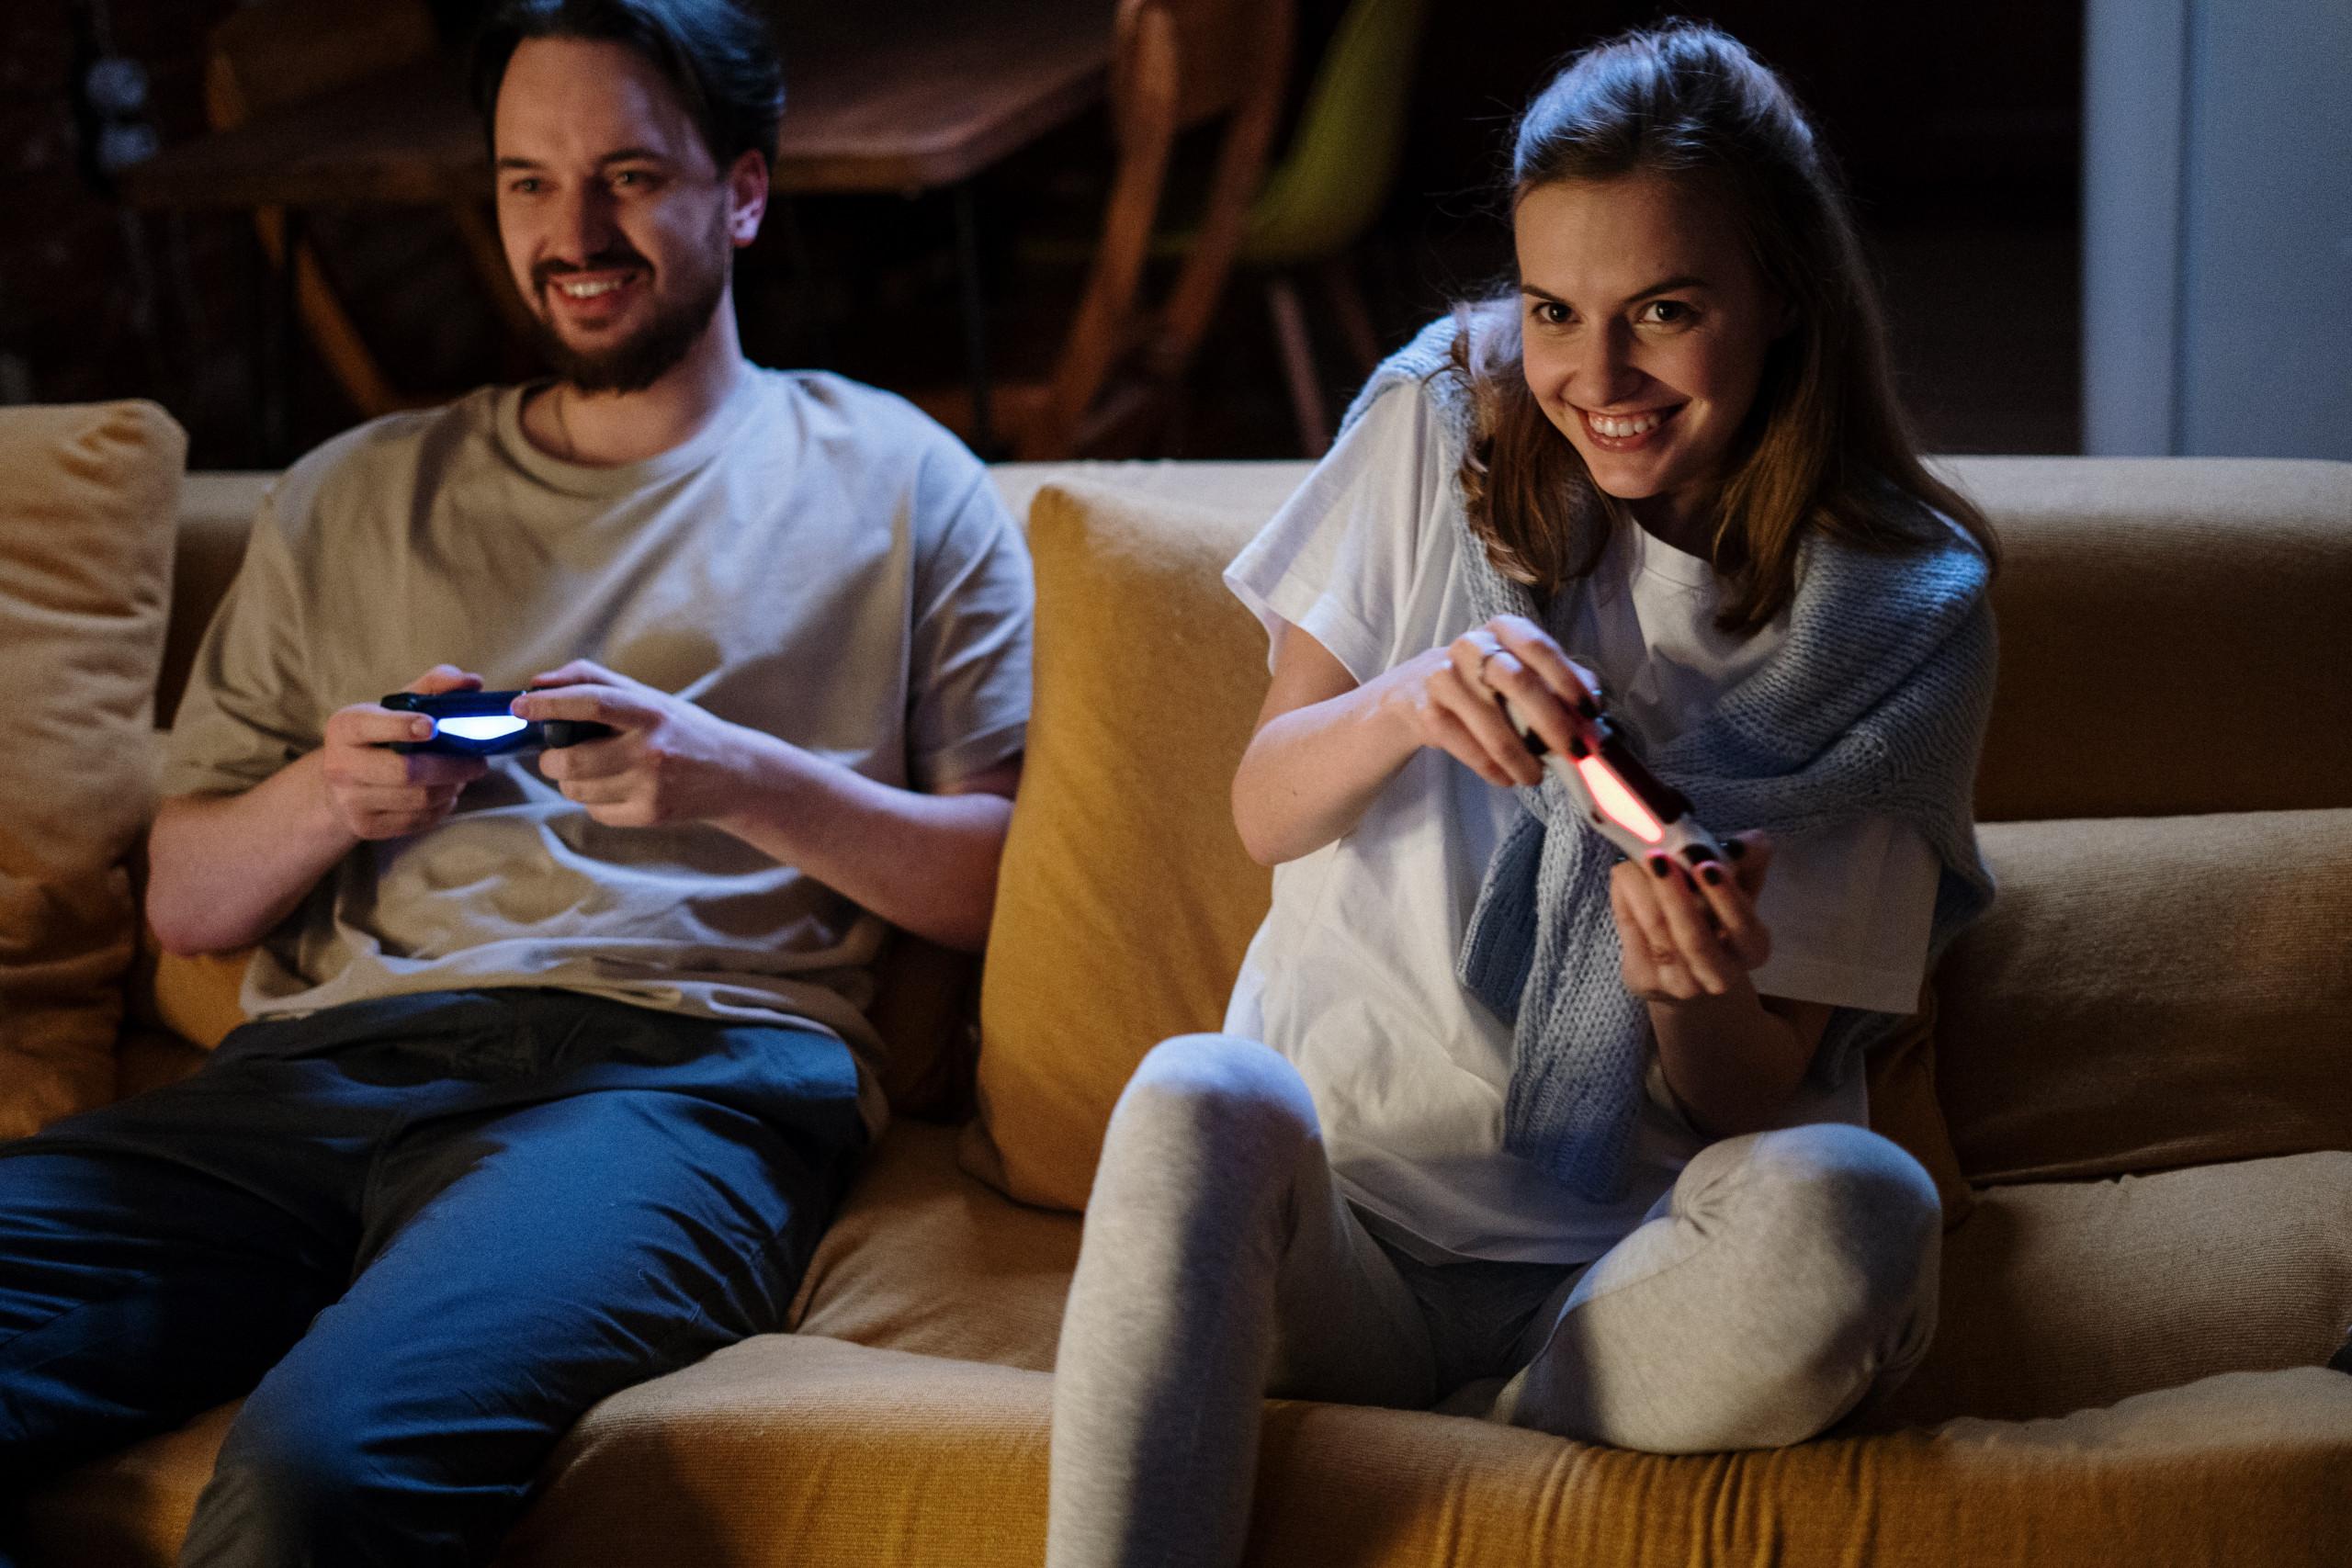 Zwei Personen spielen ein Videospiel